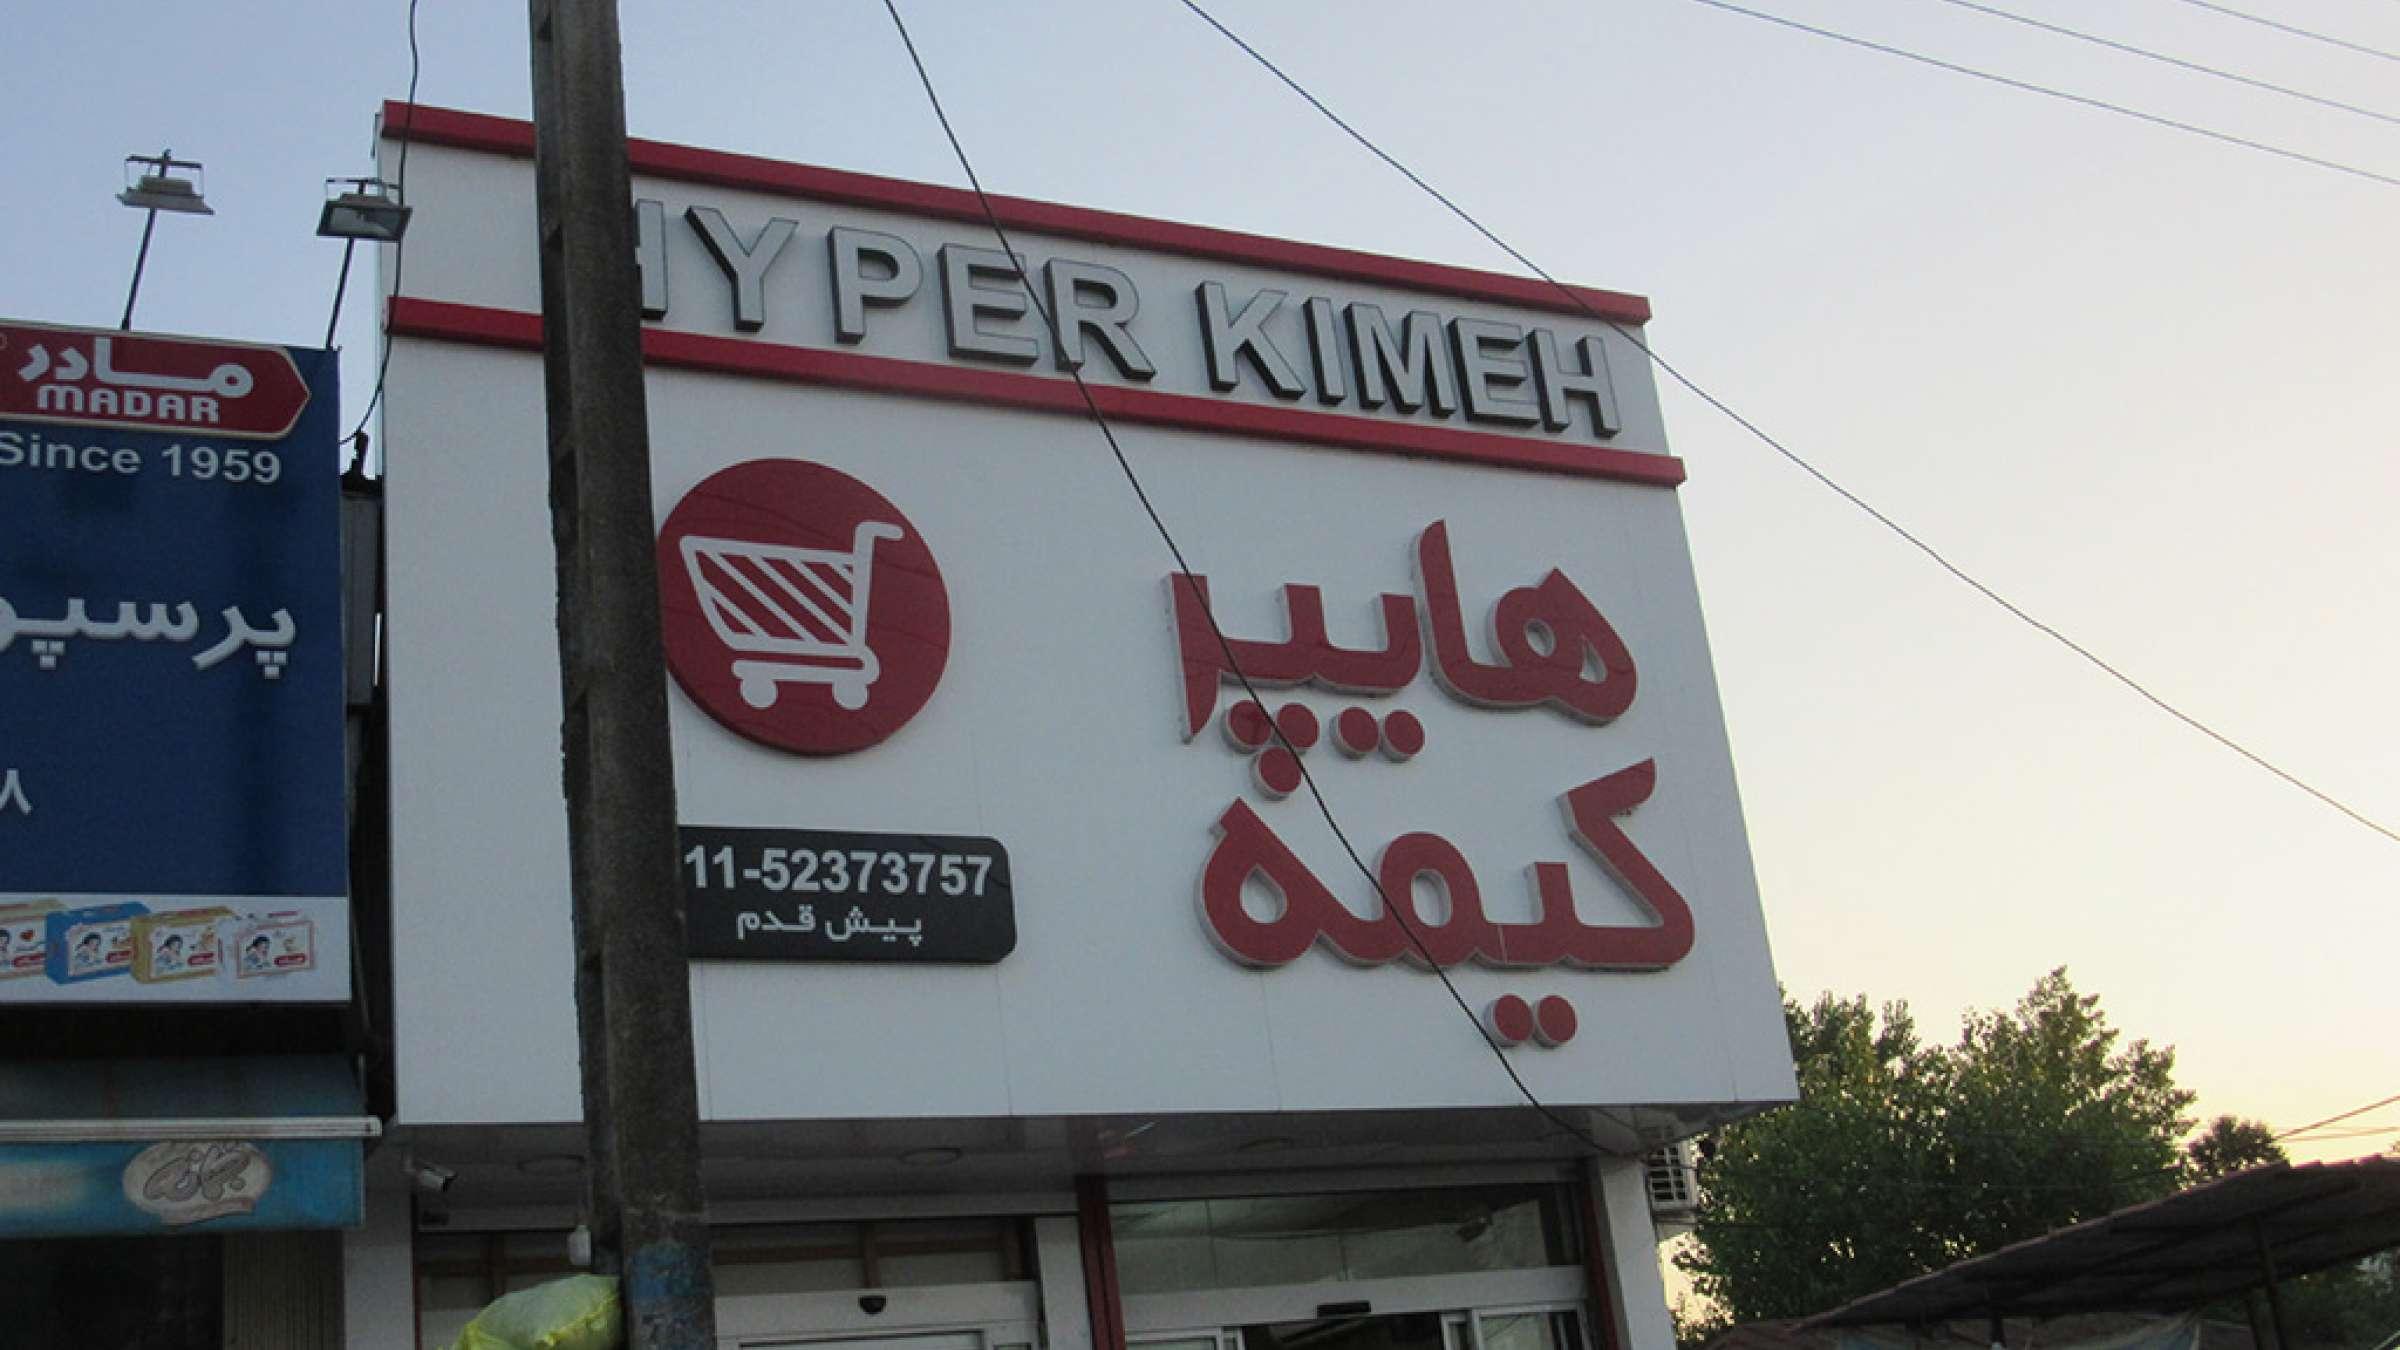 ادبیات-گلمحمدی-تهران-شهری-بیهویت-هایپر-کیمه